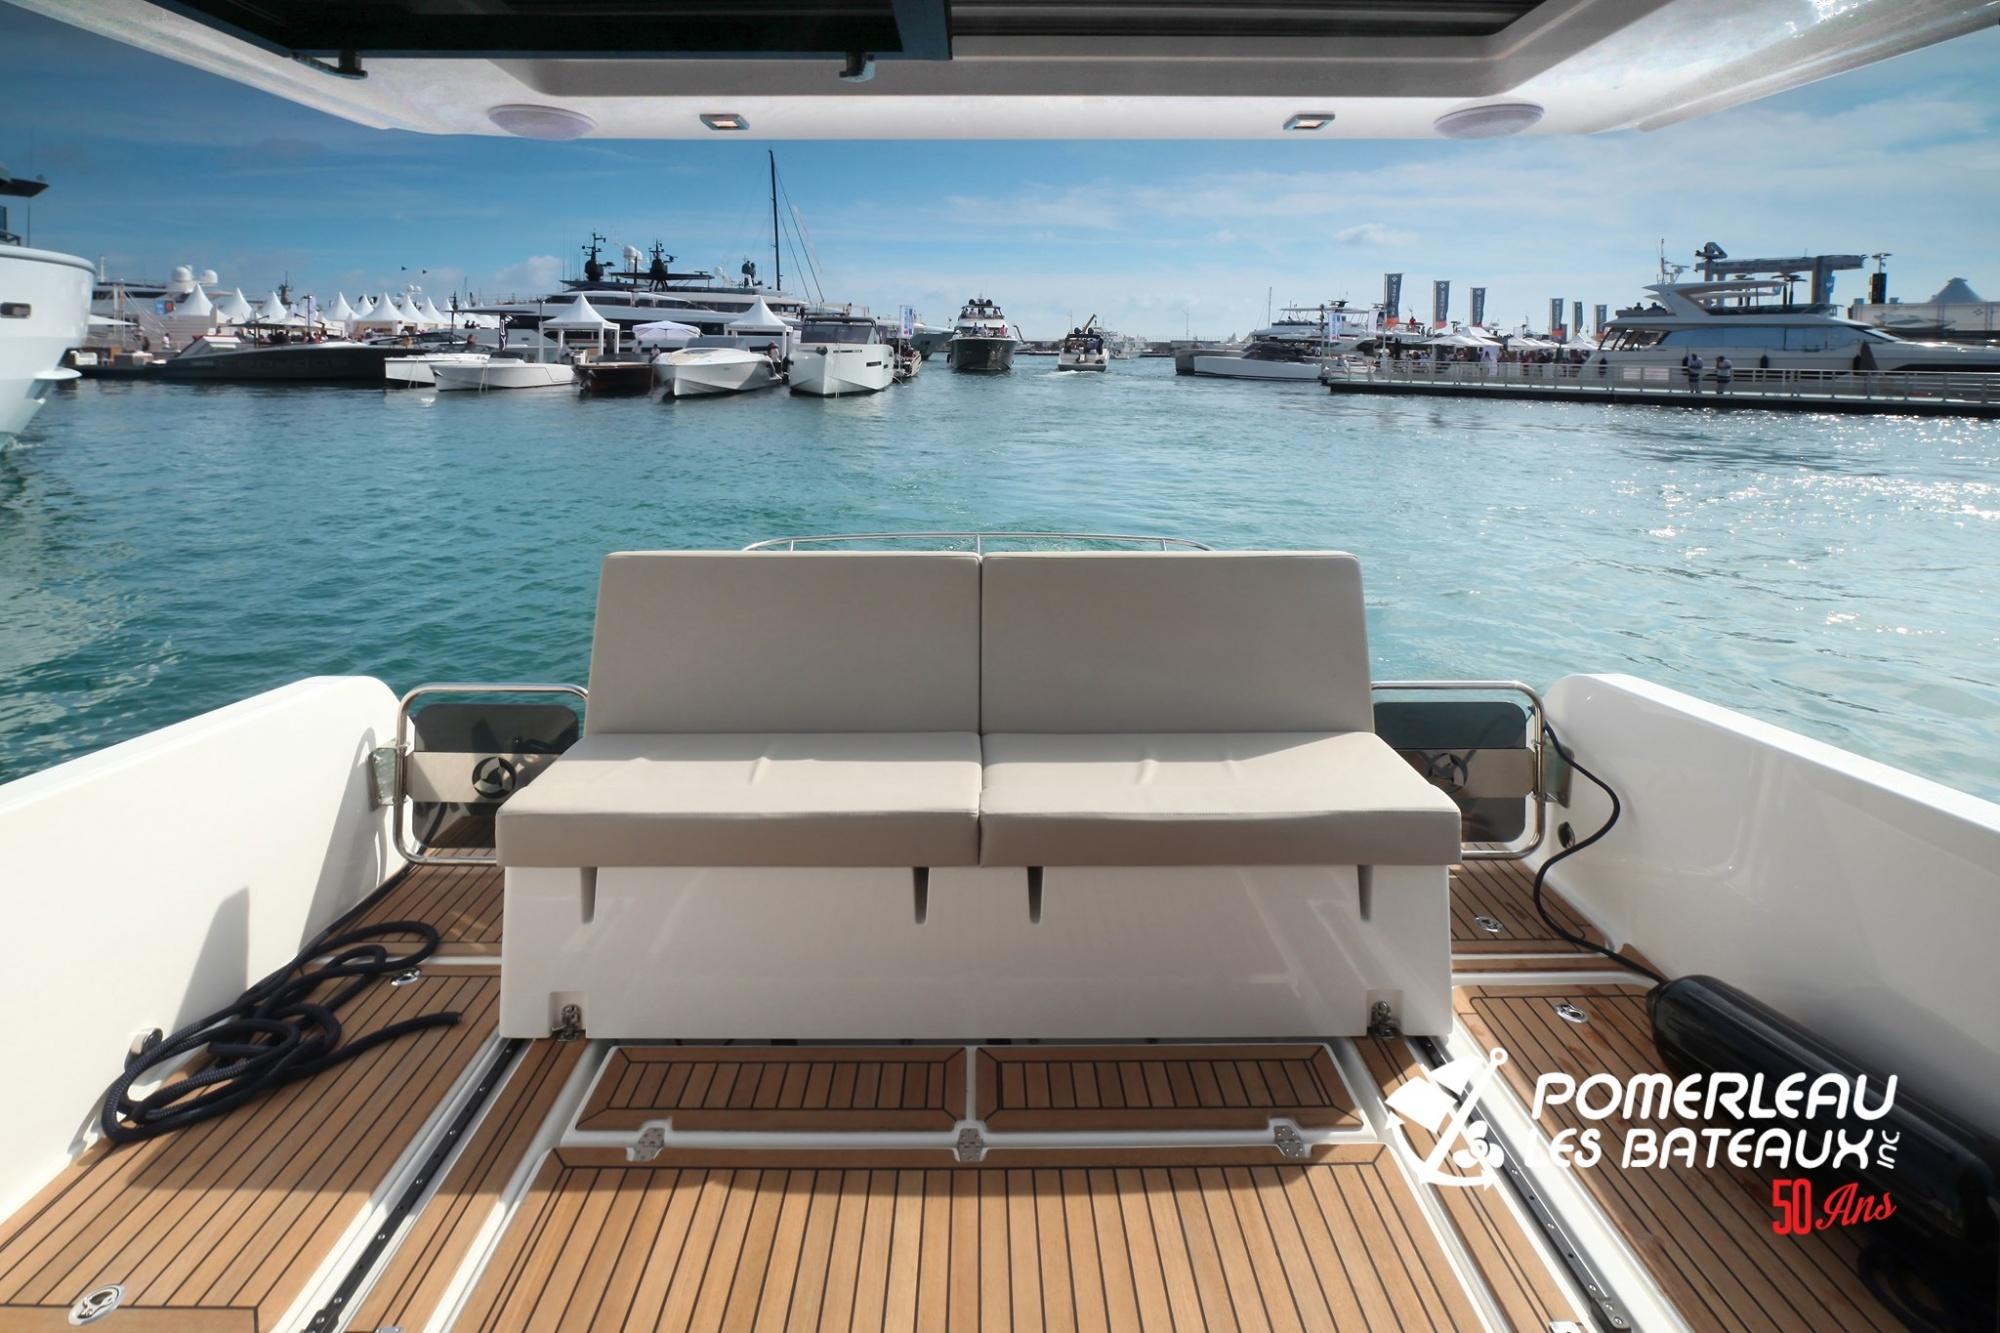 Parker Boats Monaco DEMO - 92079682_202605851163005_1093995794551275520_o